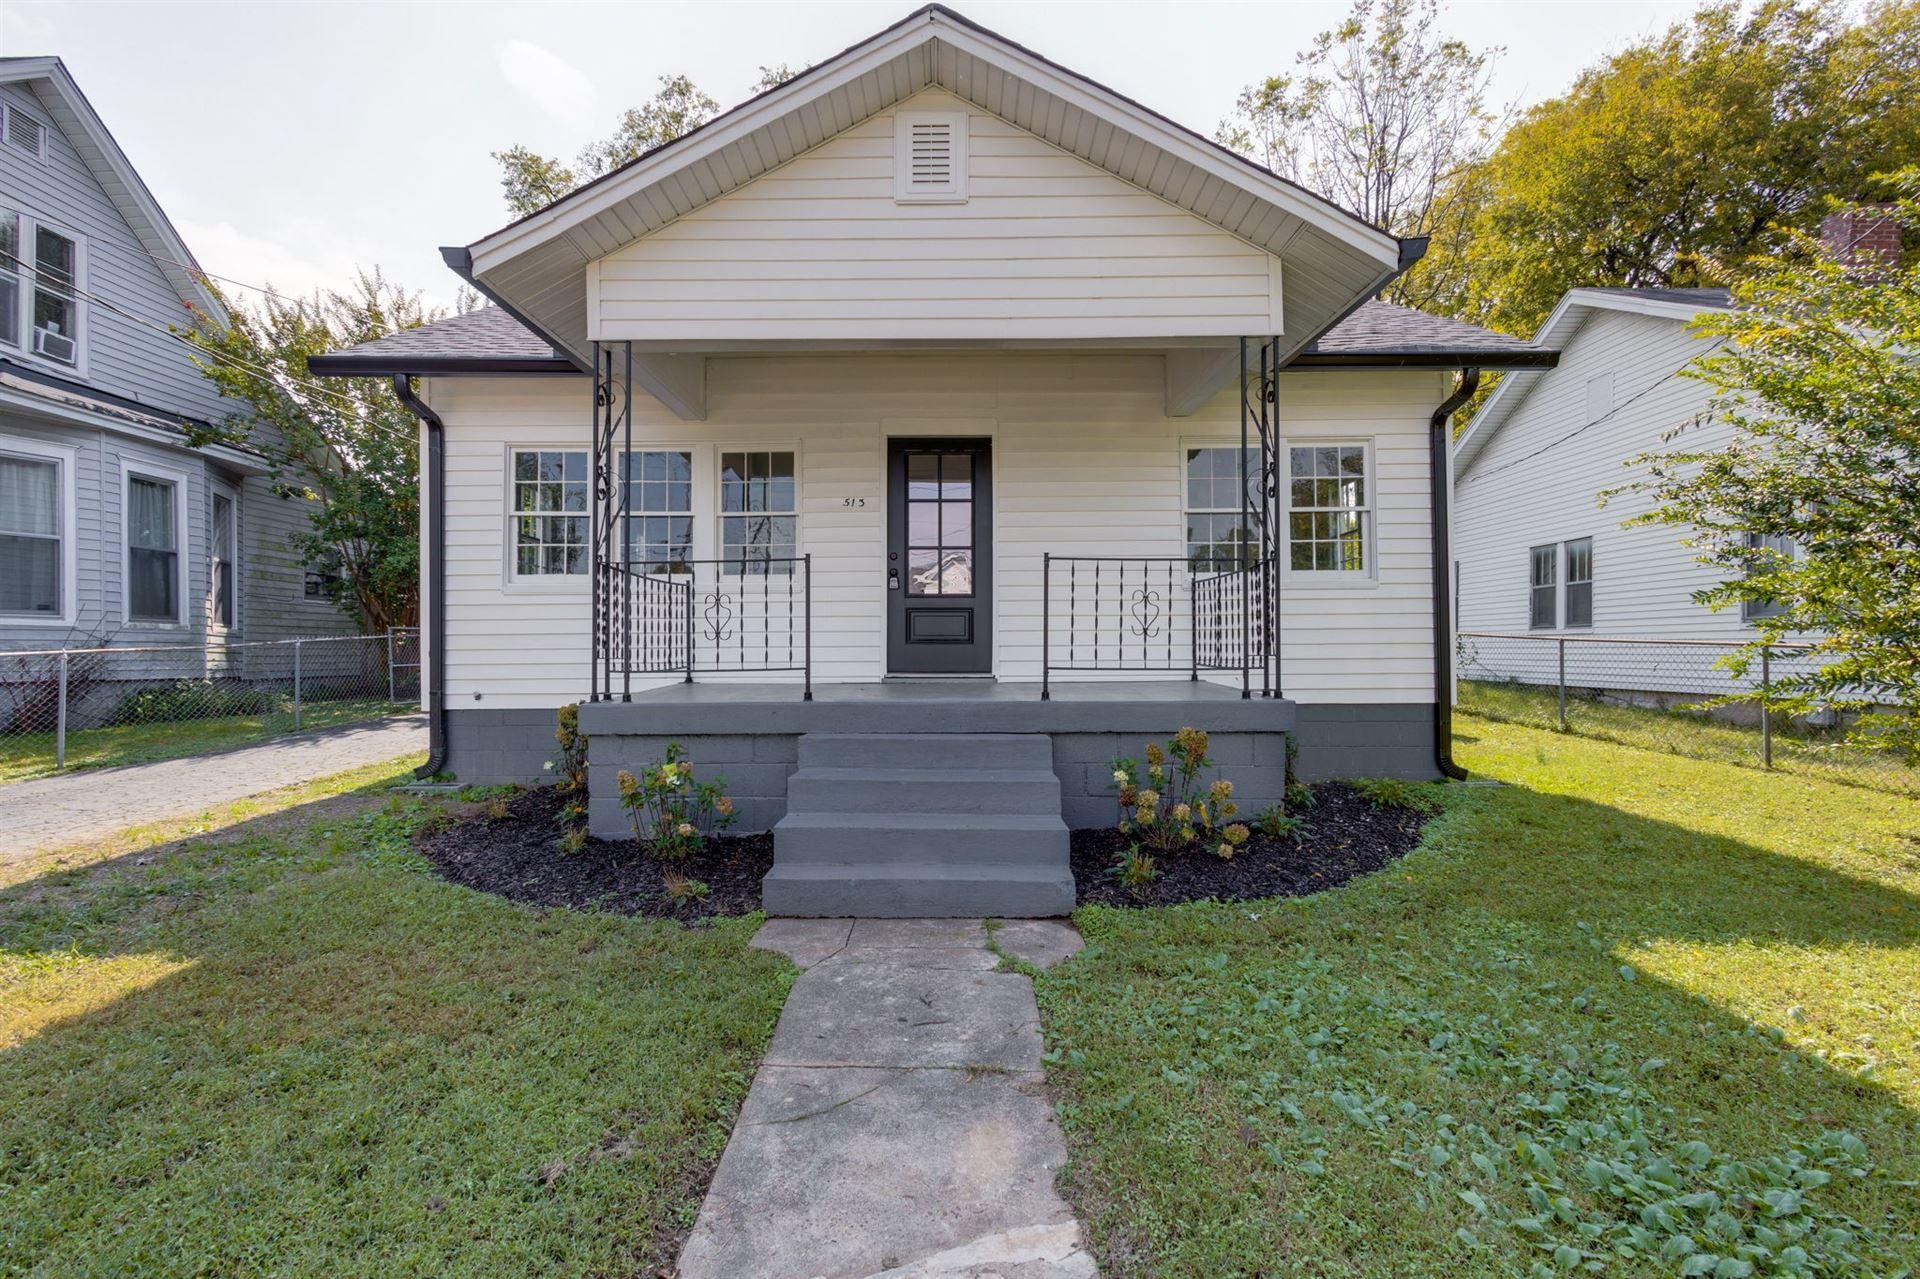 513 Timmons St, Nashville, TN 37211 - MLS#: 2198656